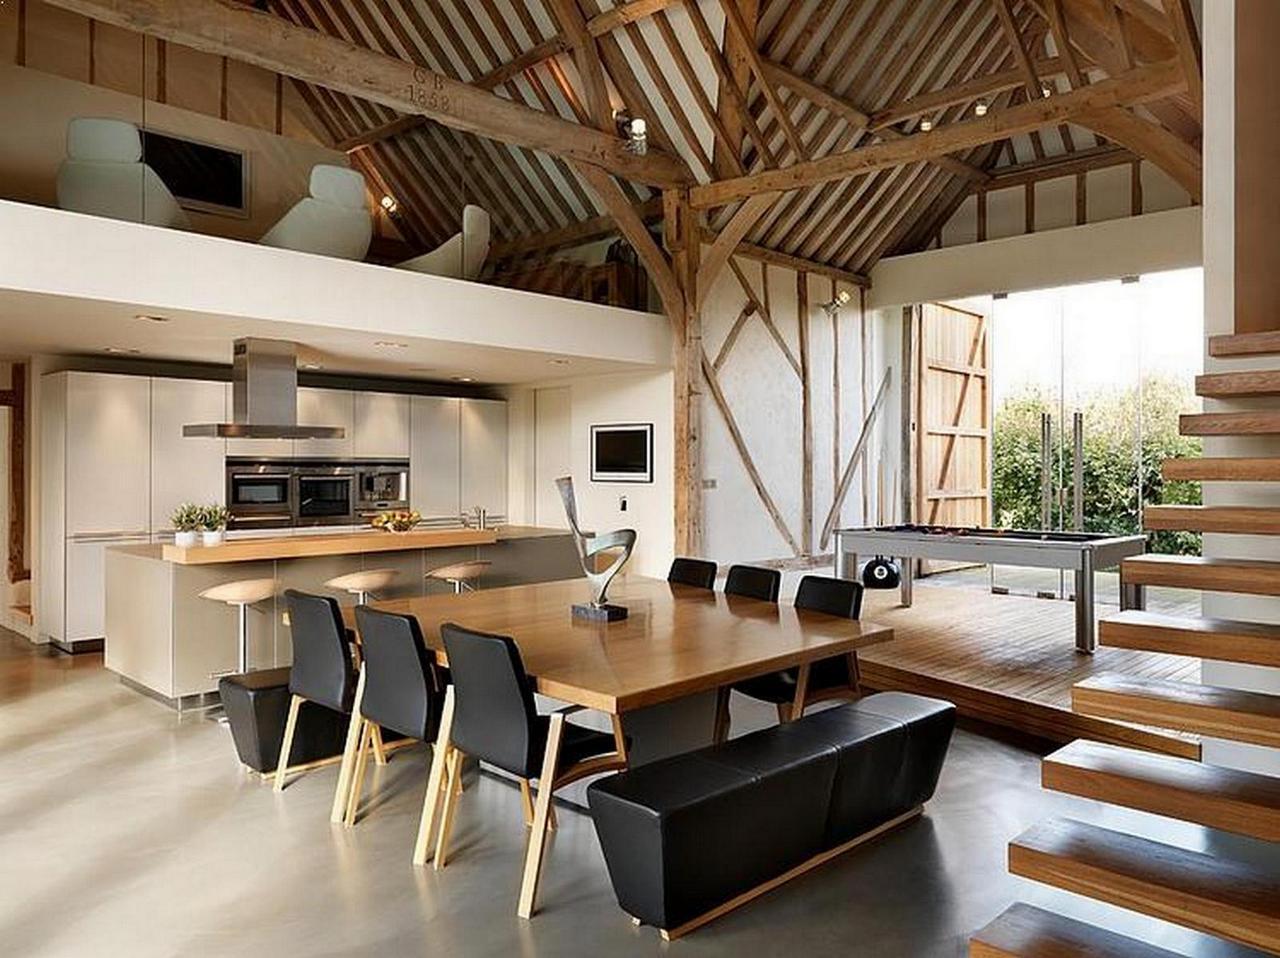 dwukondygnacyjny salon czyli wn trza kt re inspiruj projekt stodo a. Black Bedroom Furniture Sets. Home Design Ideas